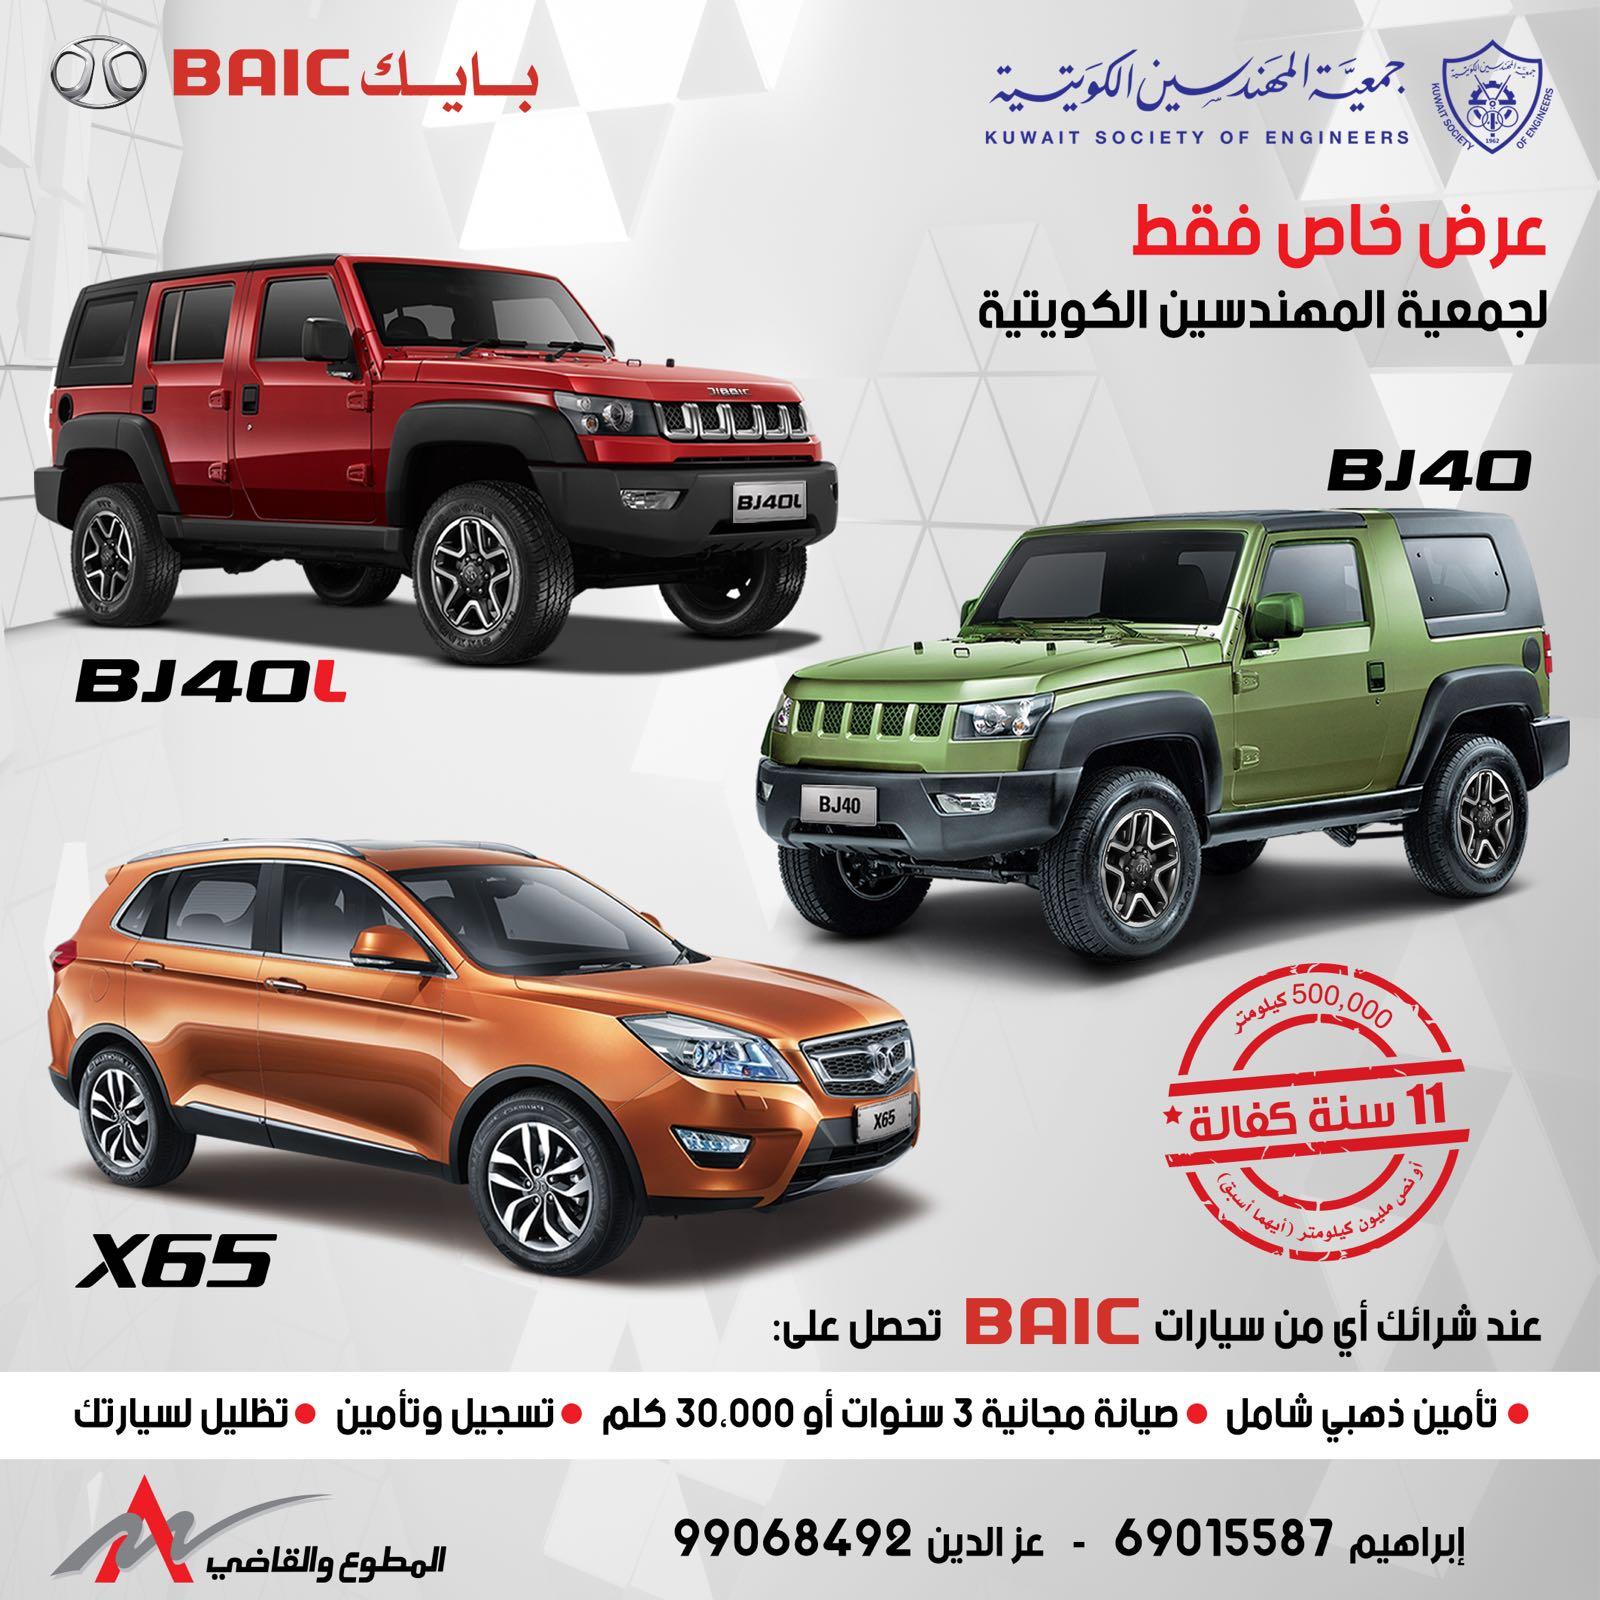 عرص خاص فقط لجمعية المهندسين الكويتية من شركة المطوع والقاضي